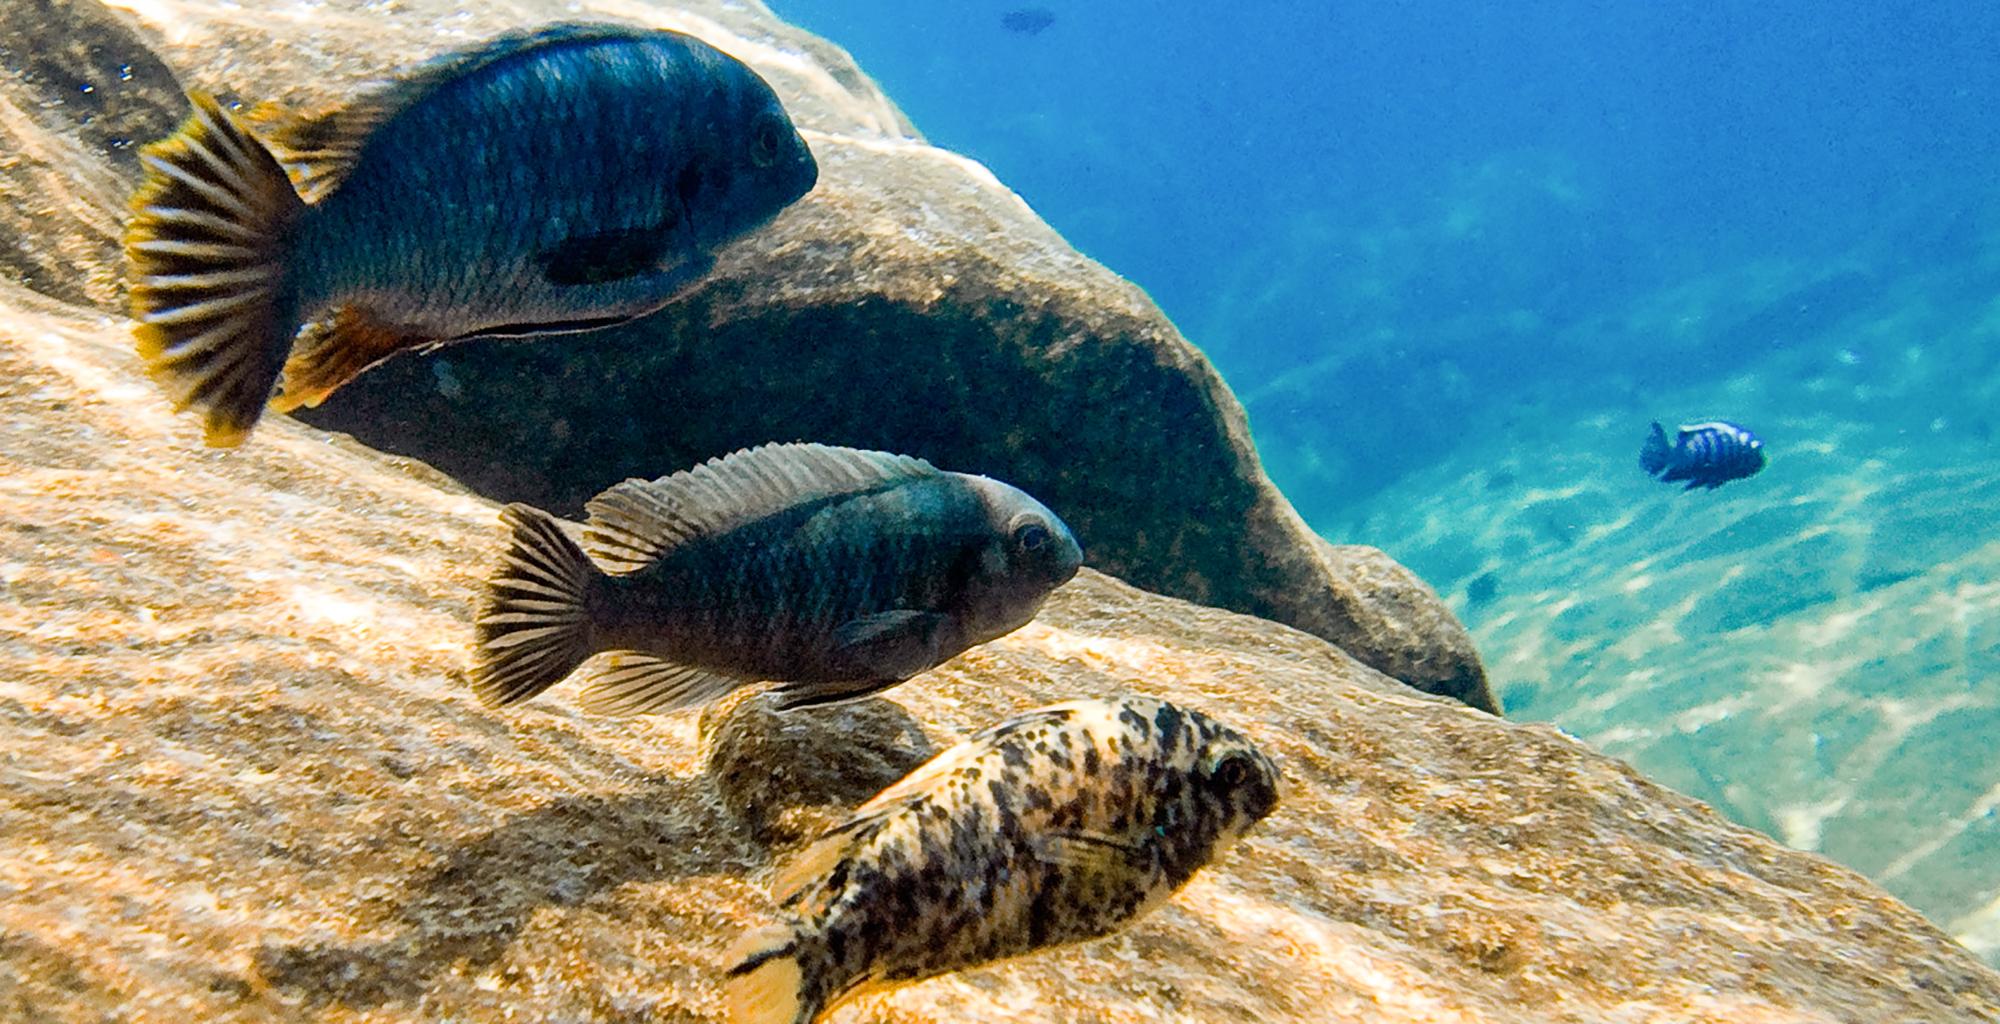 Malawi-Pumulani-Sealife